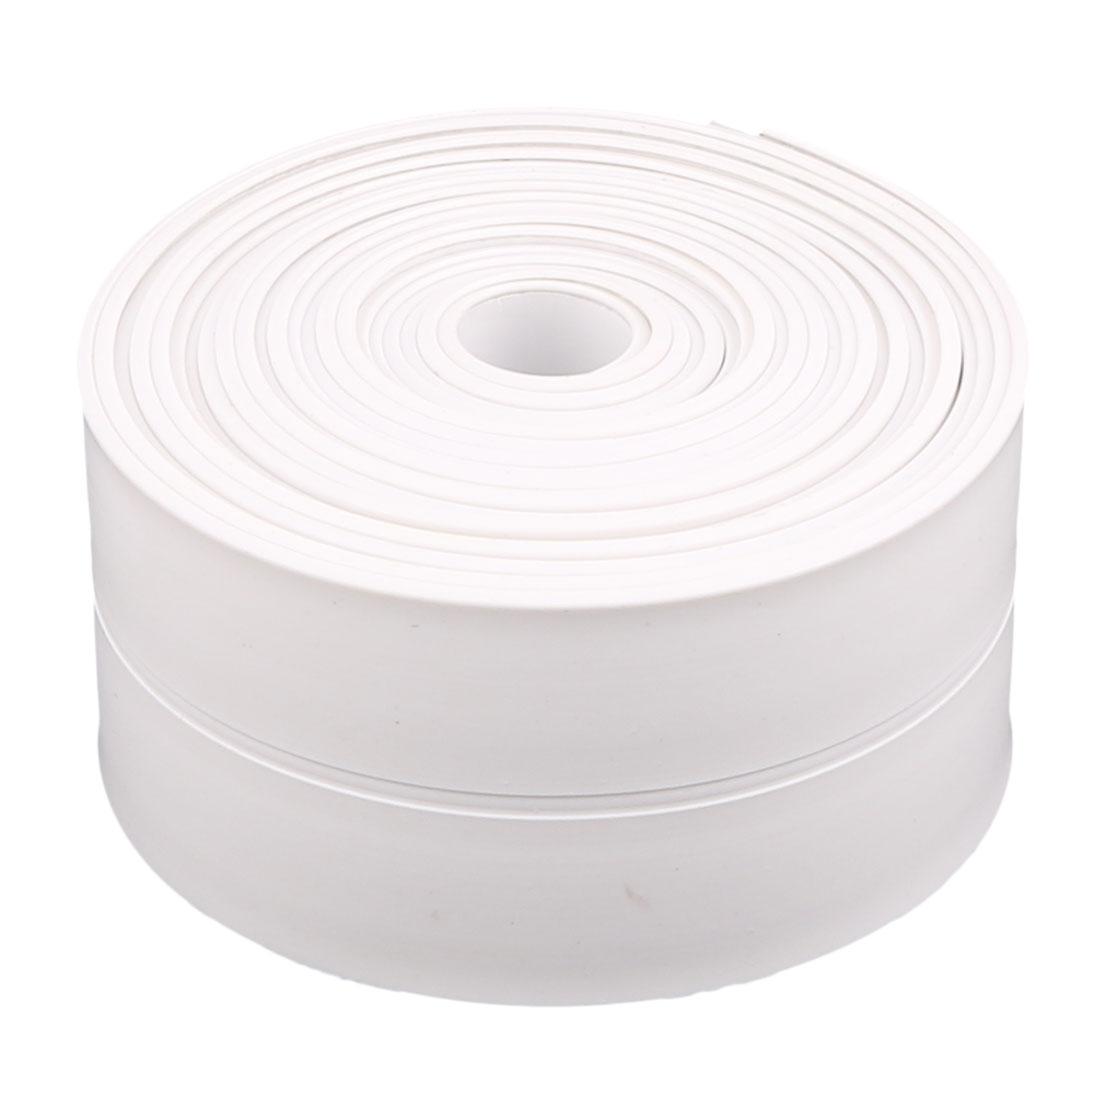 Bathroom Kitchen PVC Self Adhesive Wall Crack Reapir Mildew Waterproof Tape White